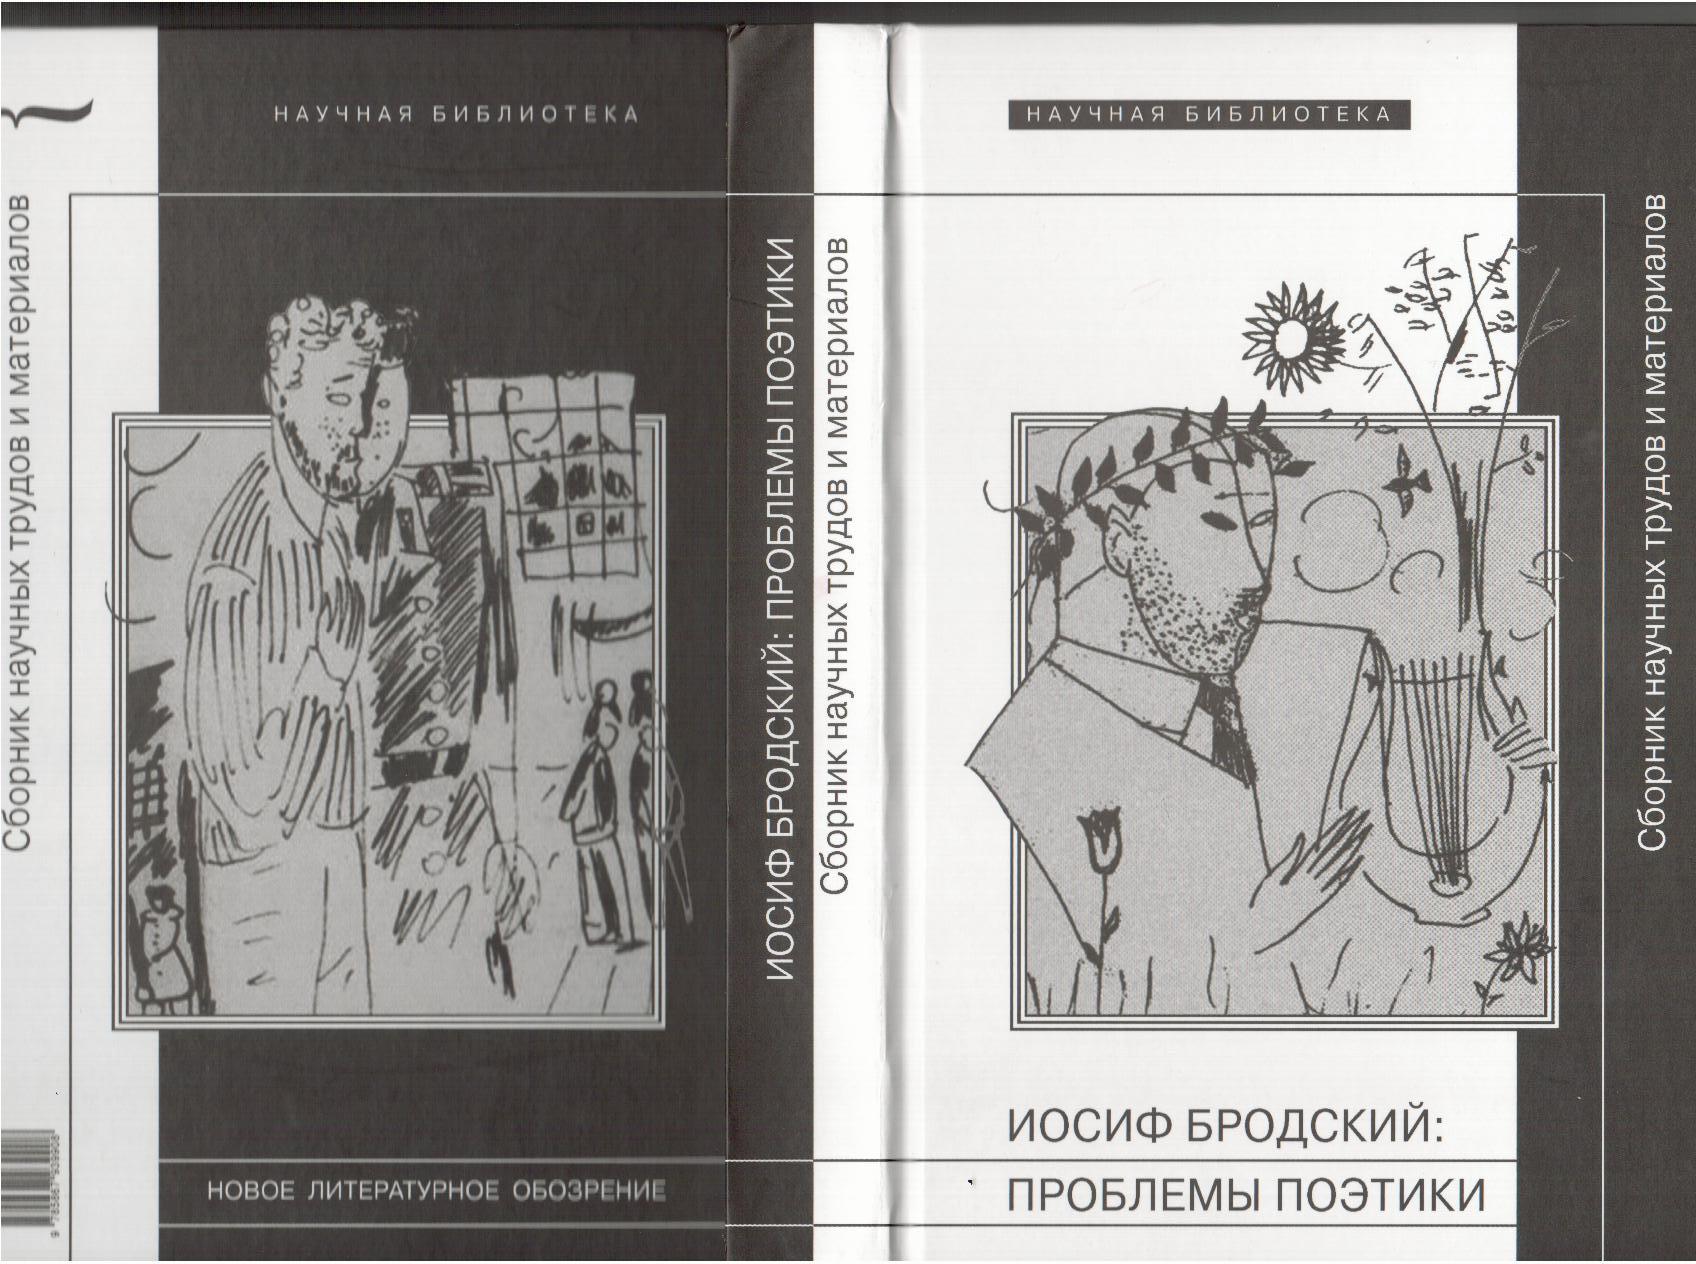 Боратынский в ленинградской поэзии 1960-1980-х годов